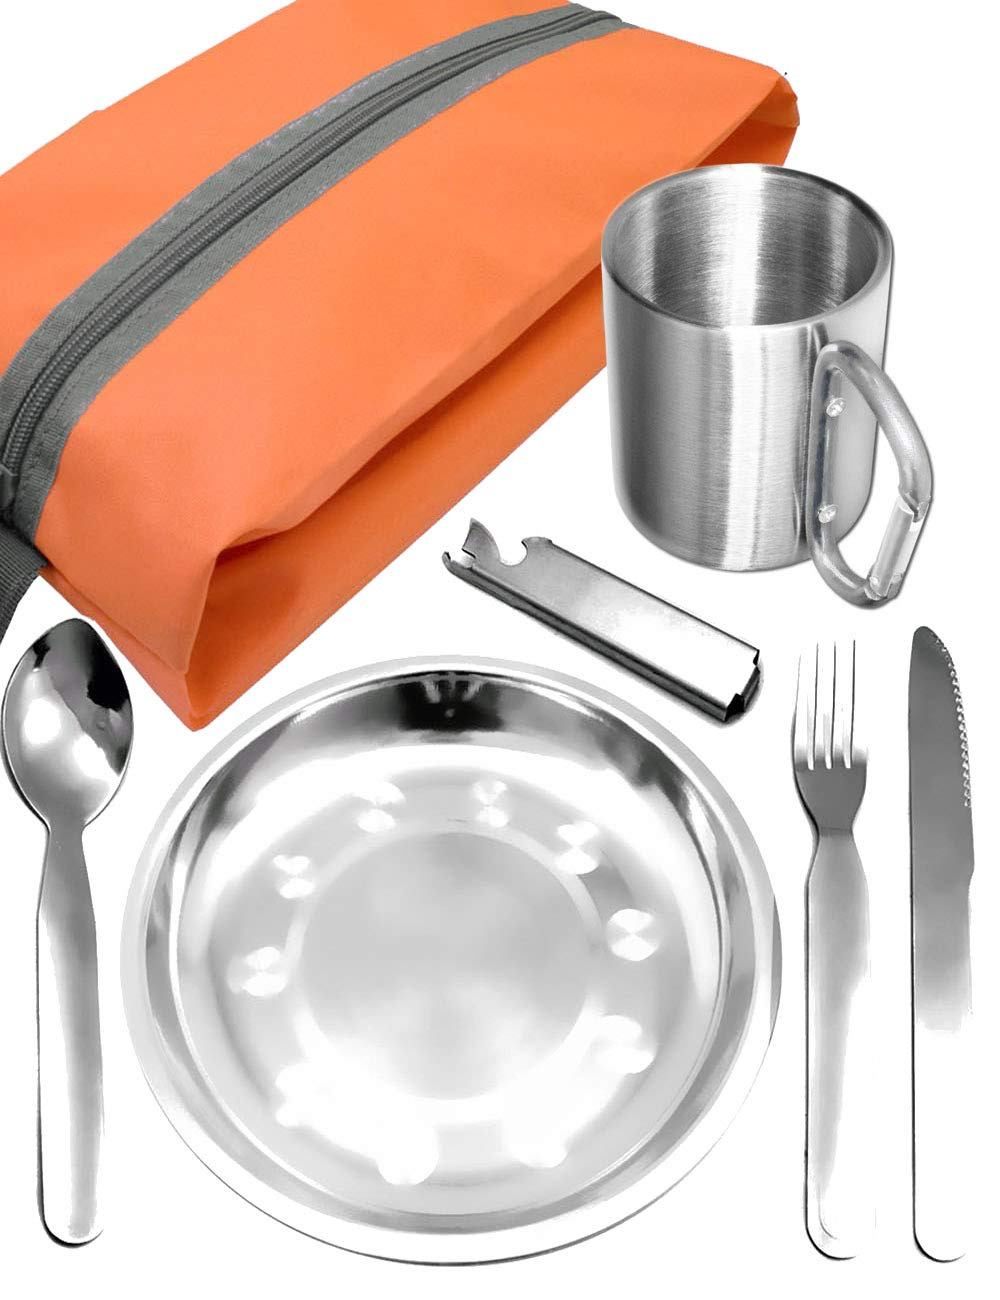 M/ás Largo titanio 9.65/inch//245/mm de largo cuchara de la cuchara de mango largo viene con funda resistente al agua con grande pulido cuenco cuchara de titanio